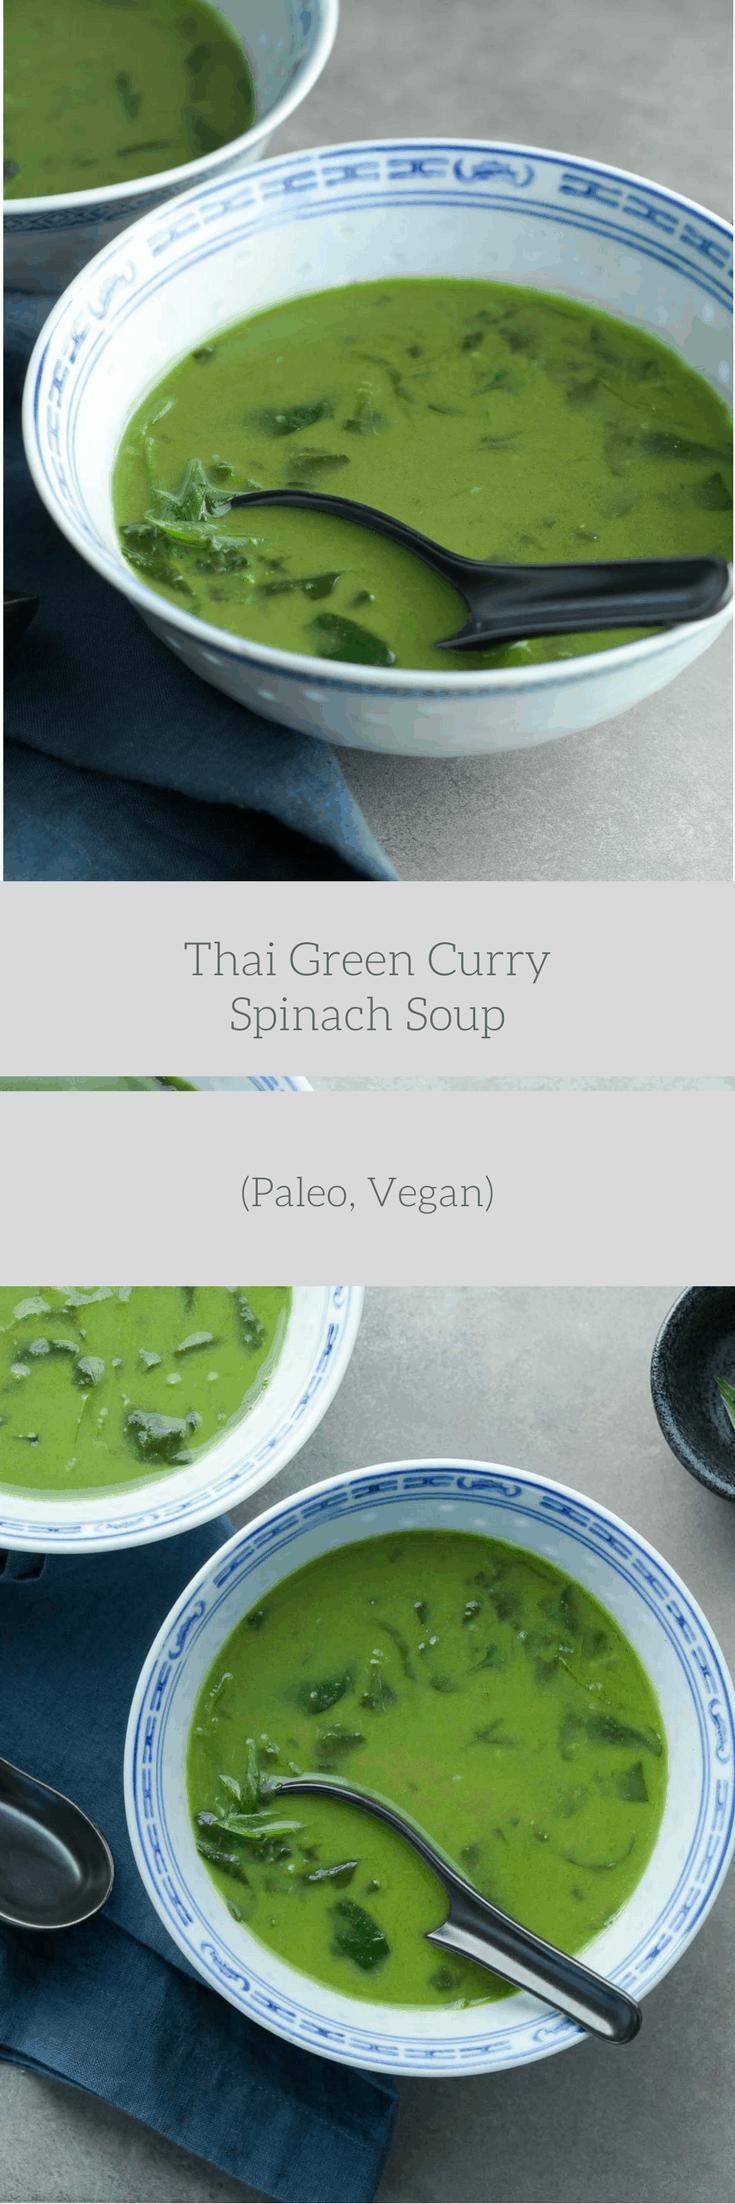 Thai Kitchen Spring Onion Soup Recipe